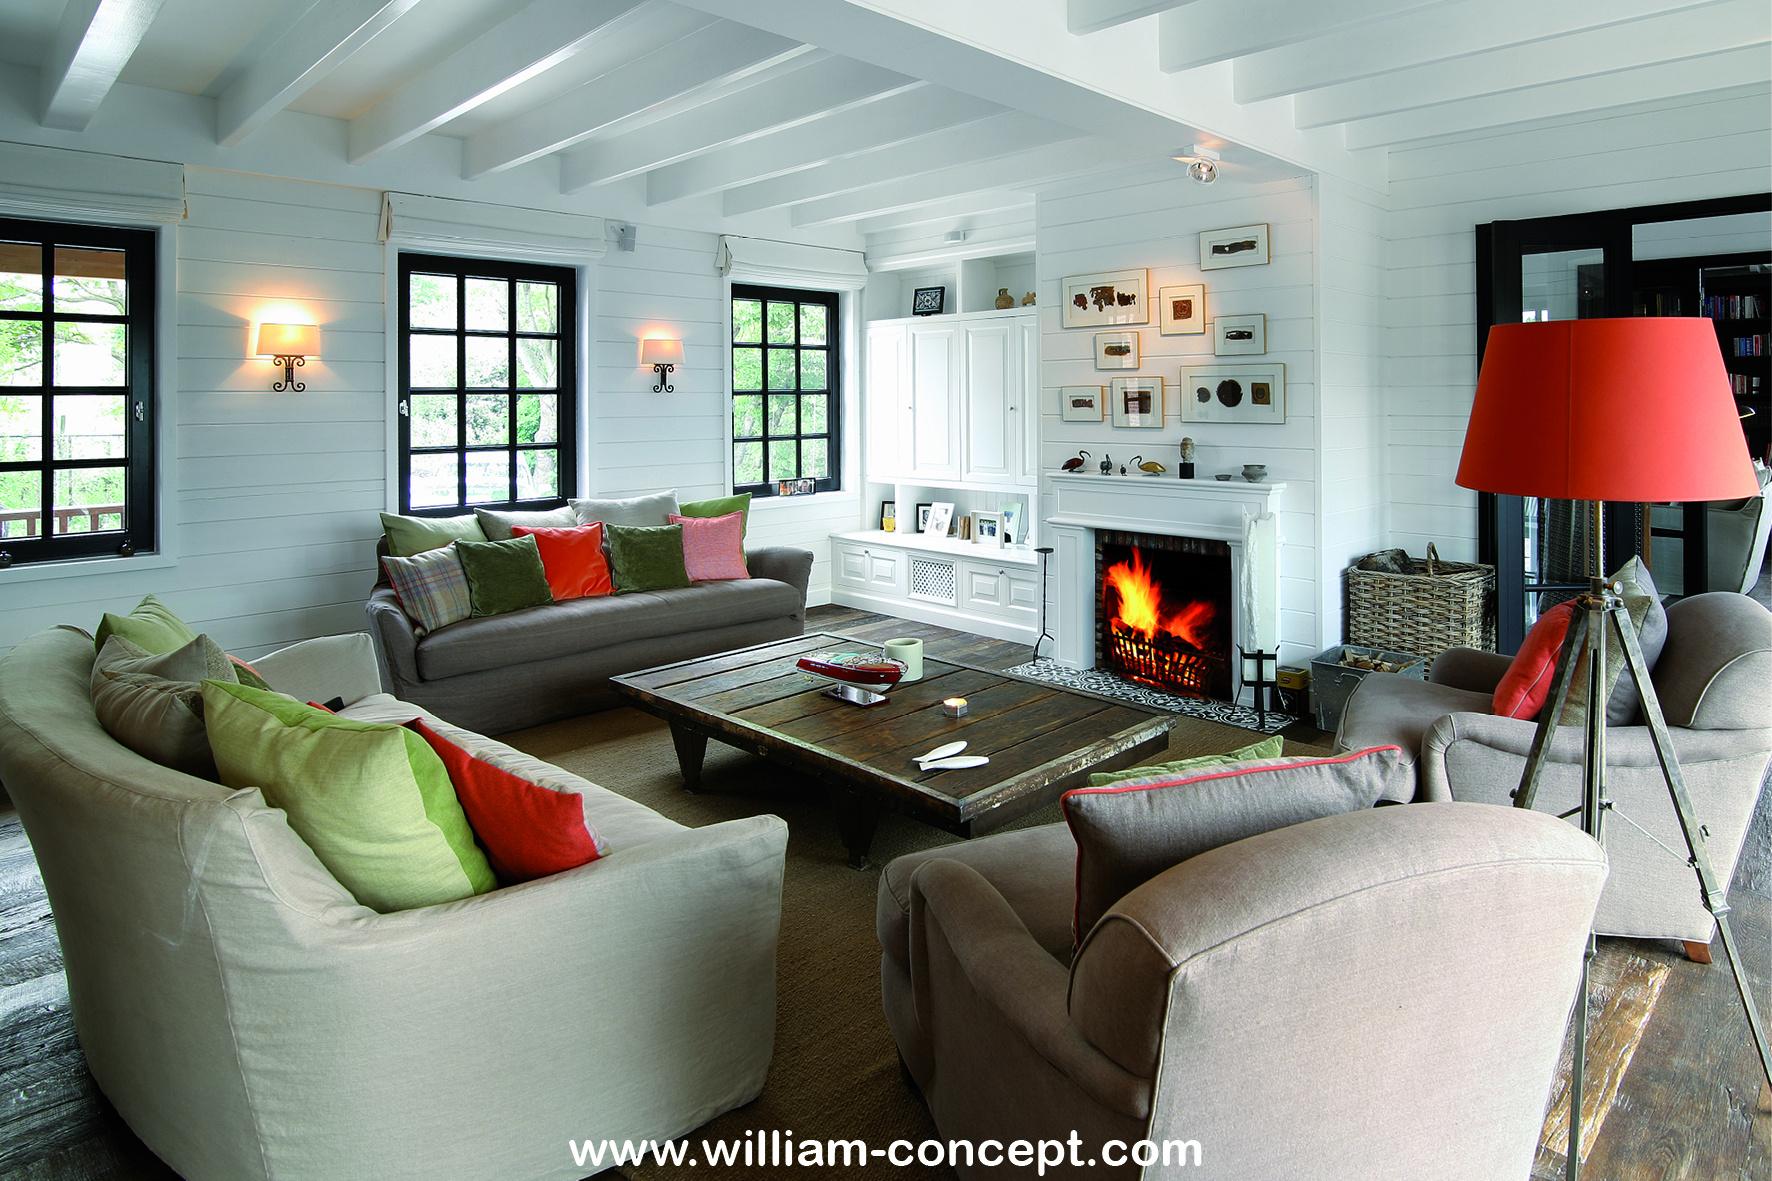 william concept